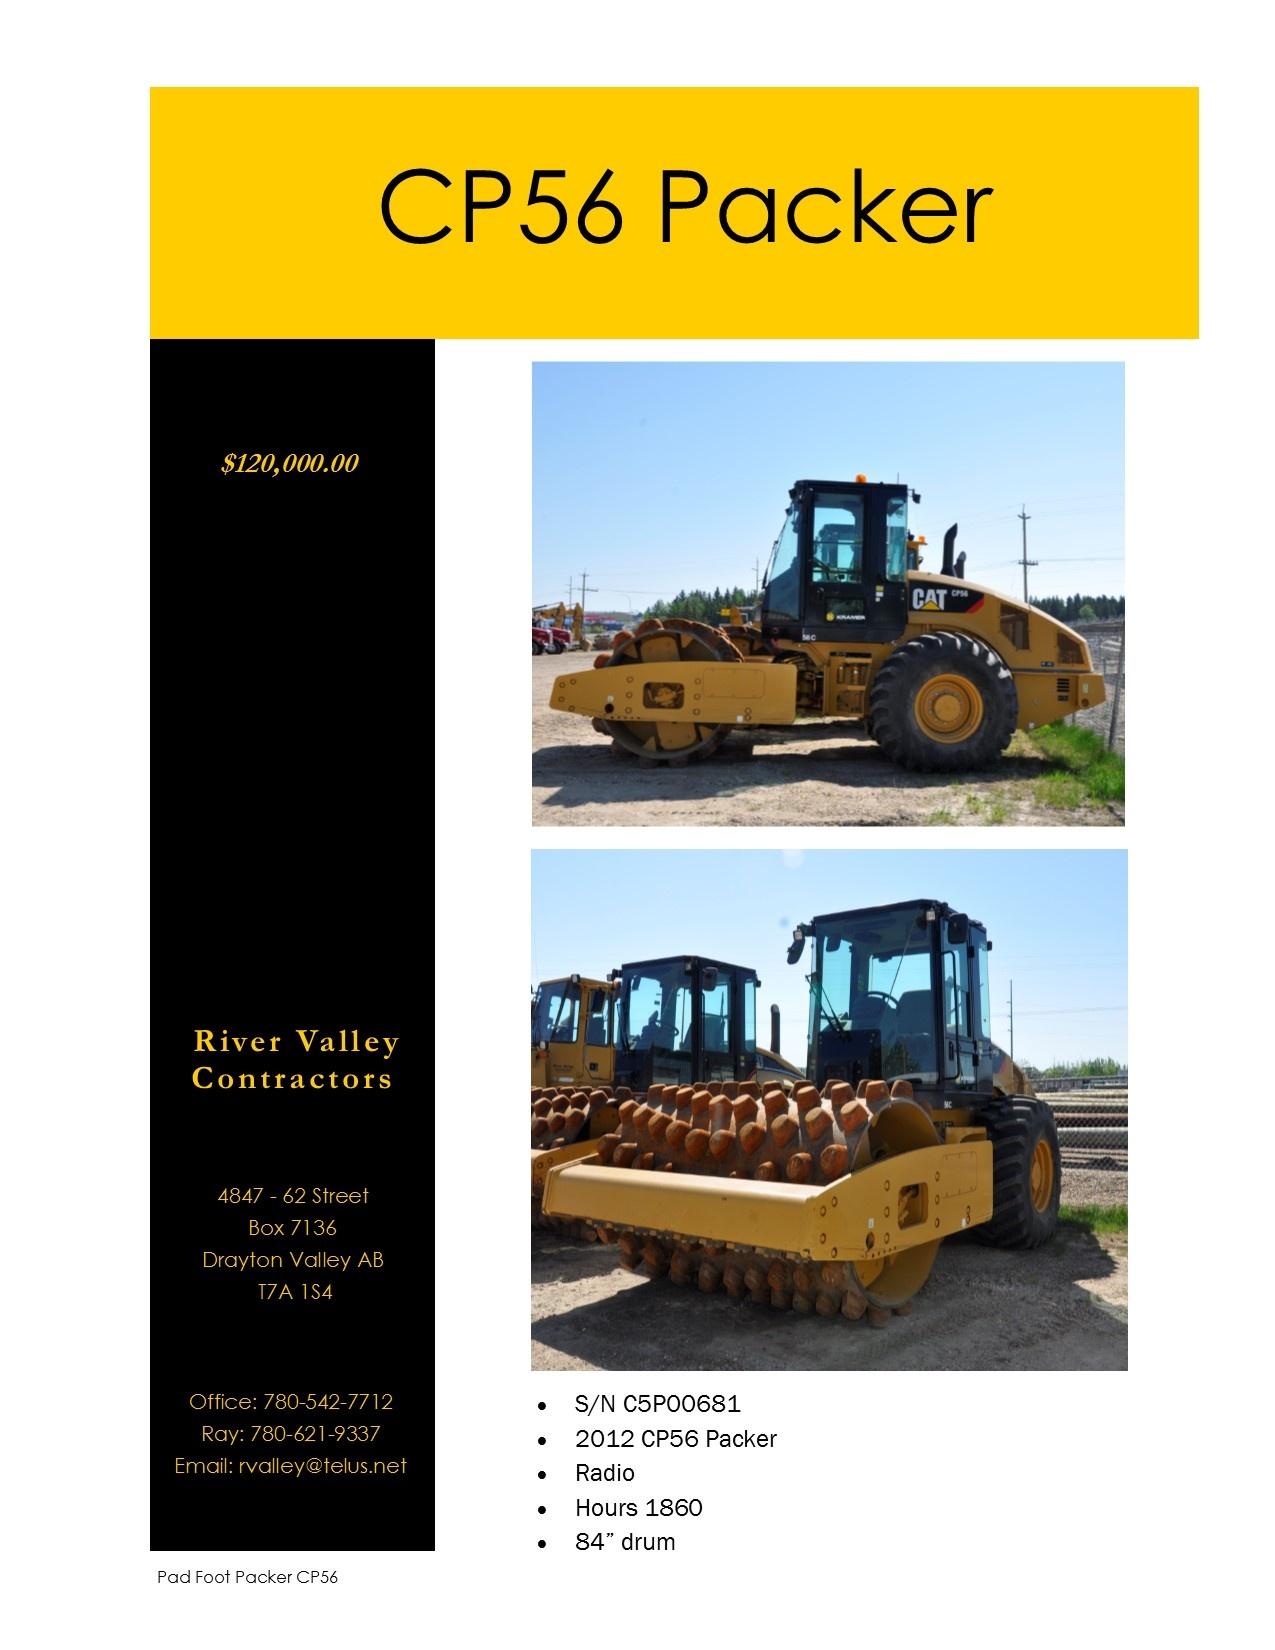 https://0901.nccdn.net/4_2/000/000/060/85f/Pad-Foot-Packer-CP56-1275x1650.jpg